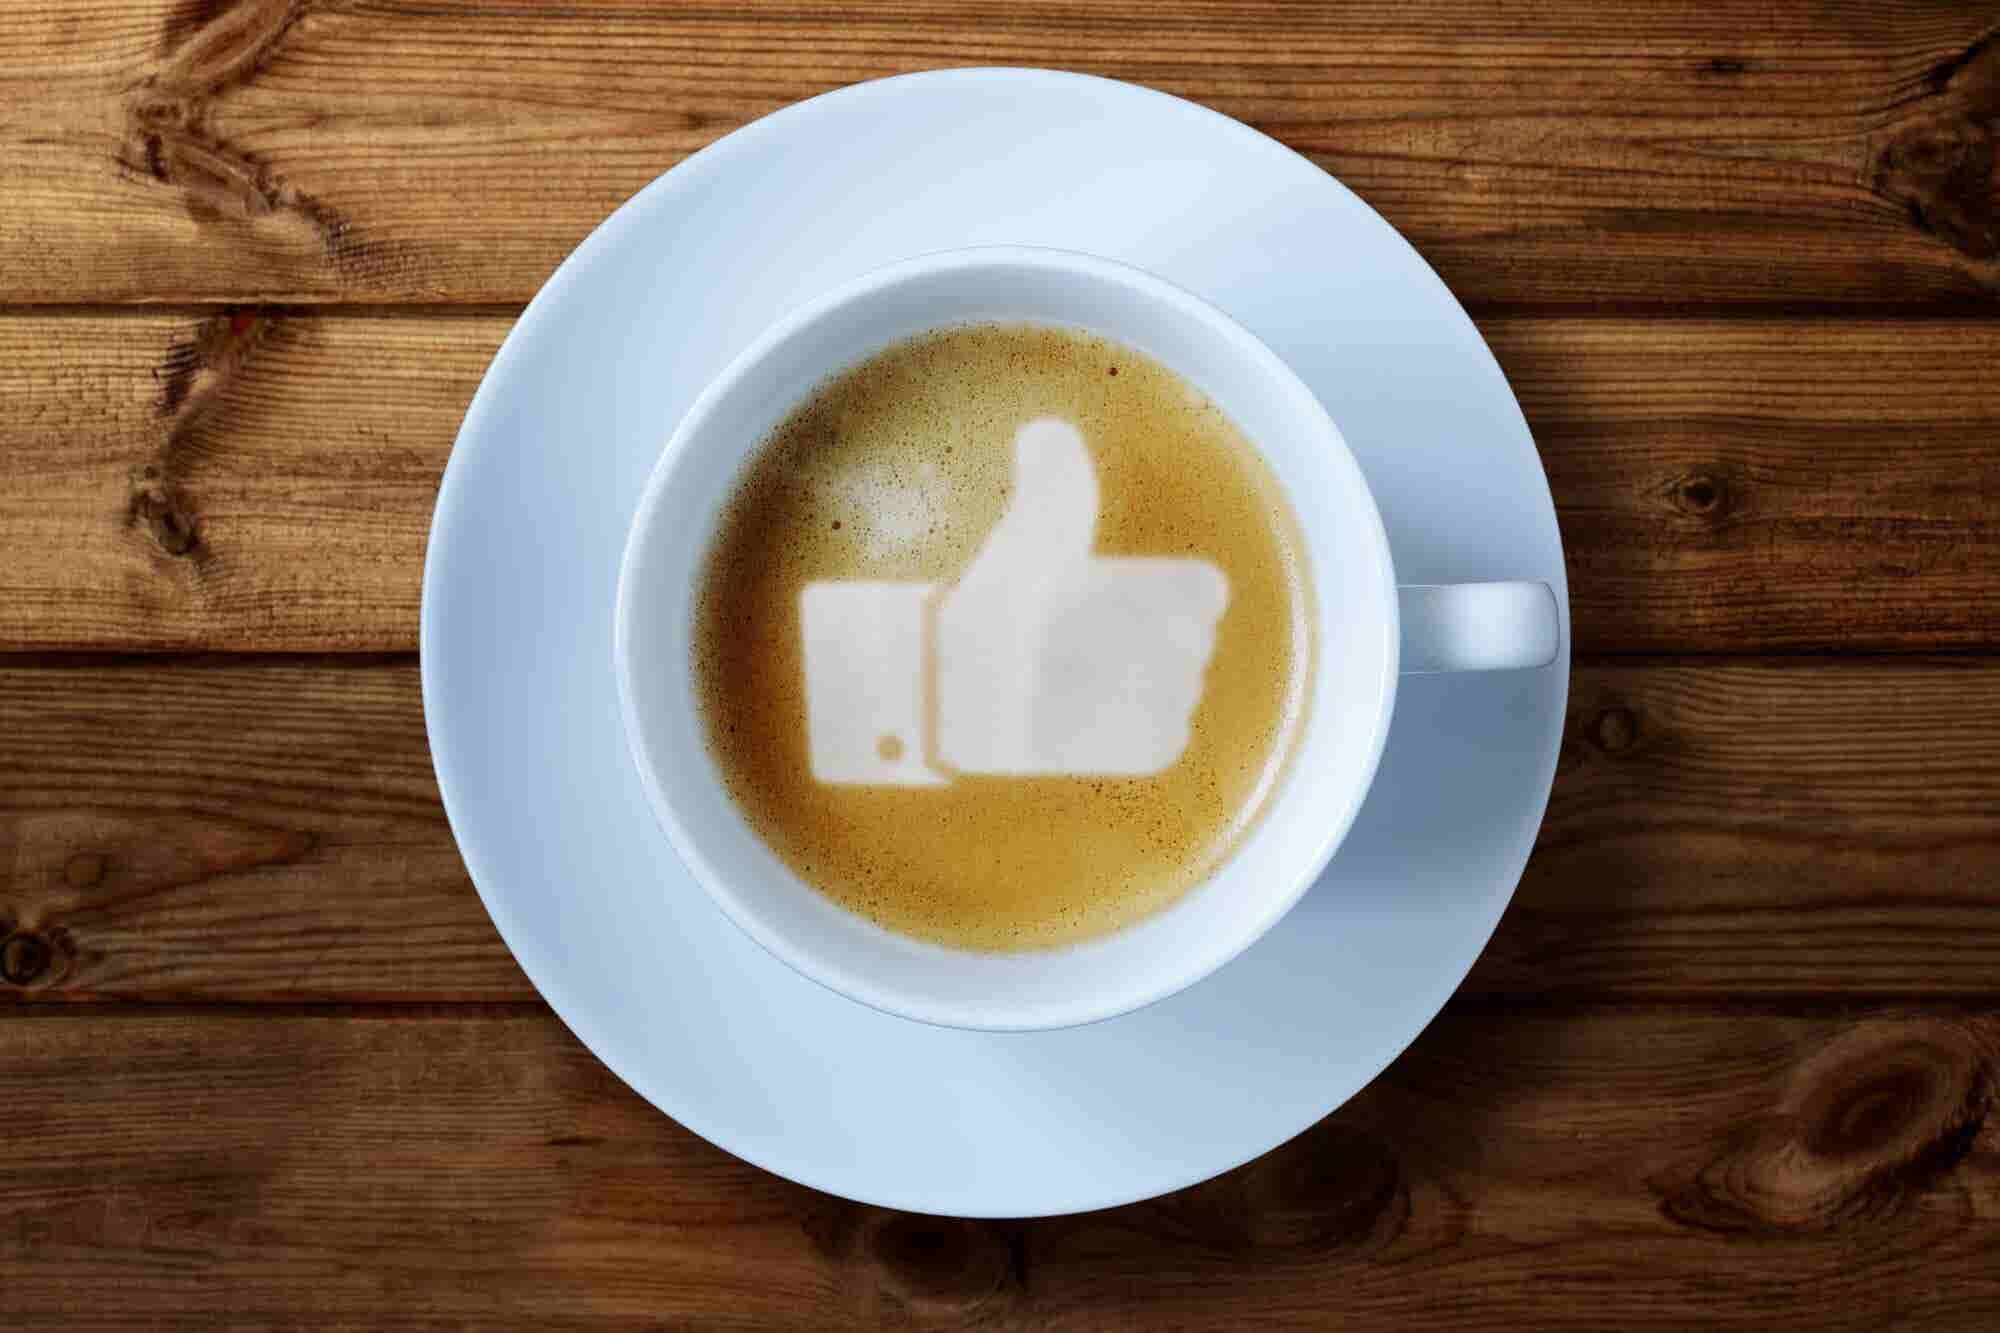 Facebook dará hasta $10 millones de dólares en becas a líderes de comunidades